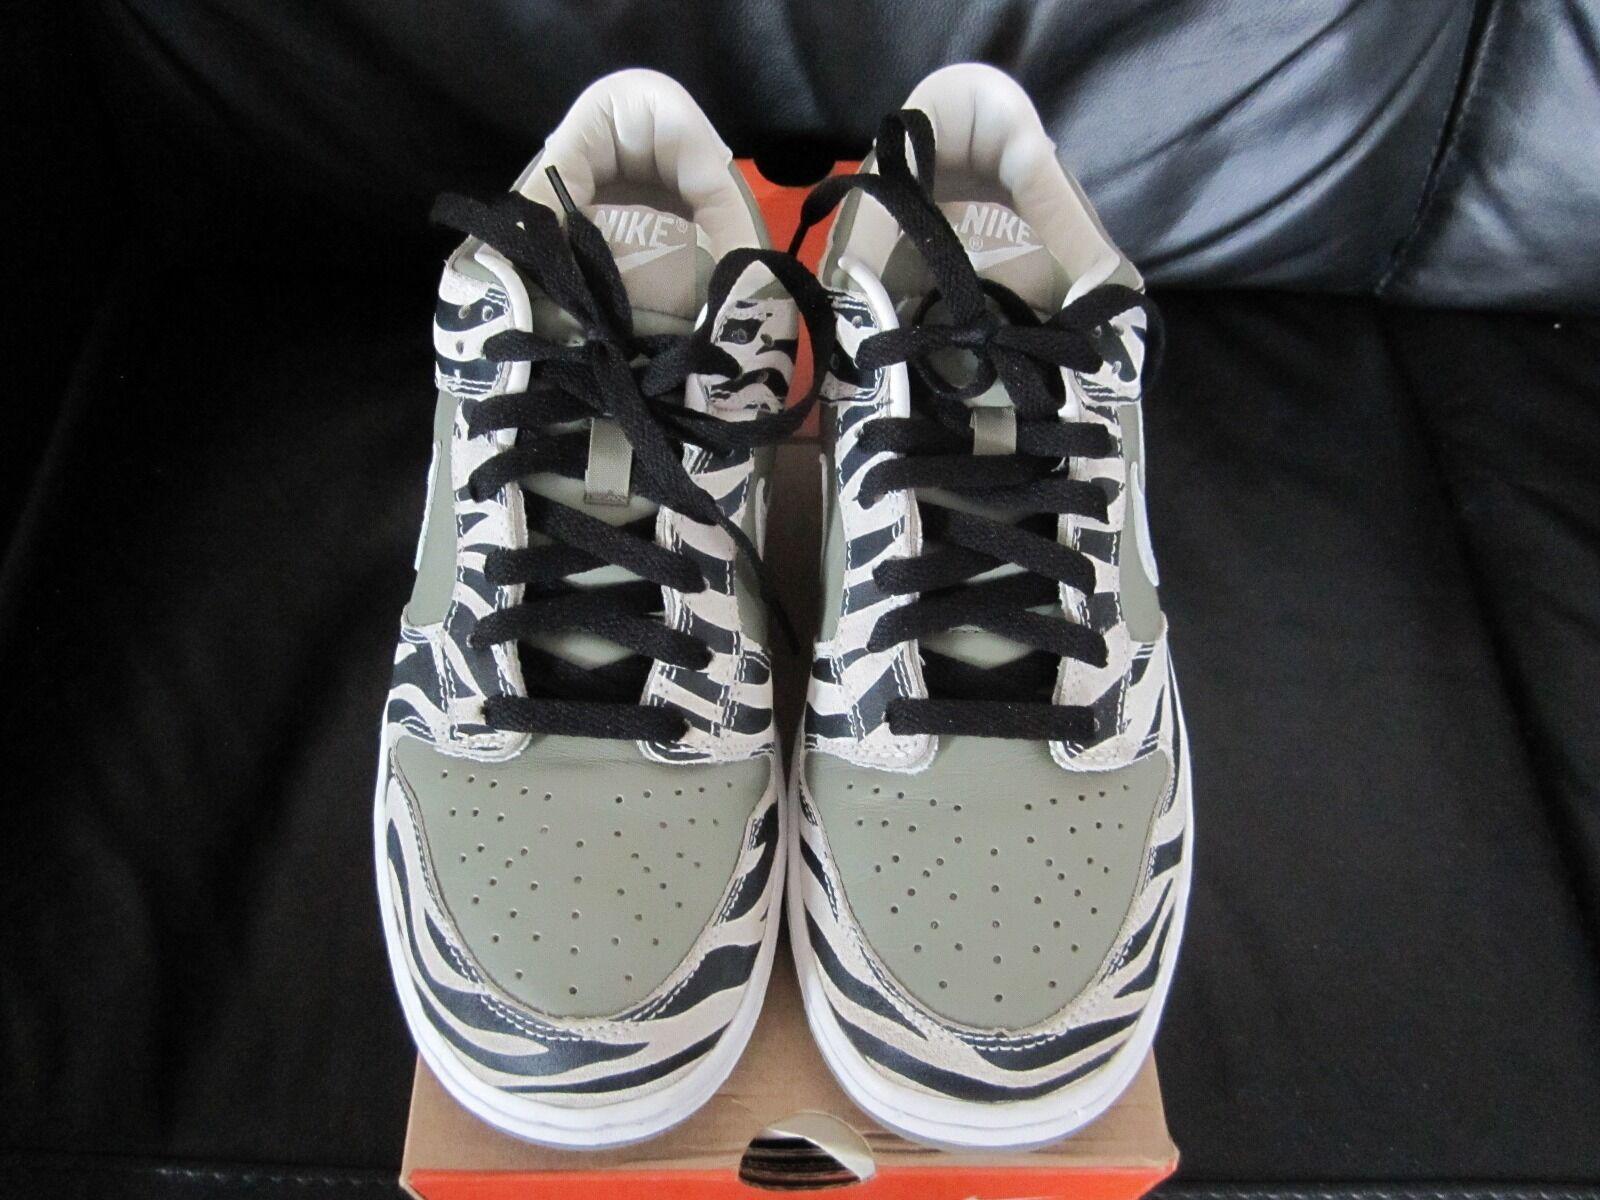 reputable site 8a487 e7d06 Nike D.S 2003 2003 2003 Dunk Low Safari suprême Premium Taille Brit 8 9  U.S.A. NEUF. 167948